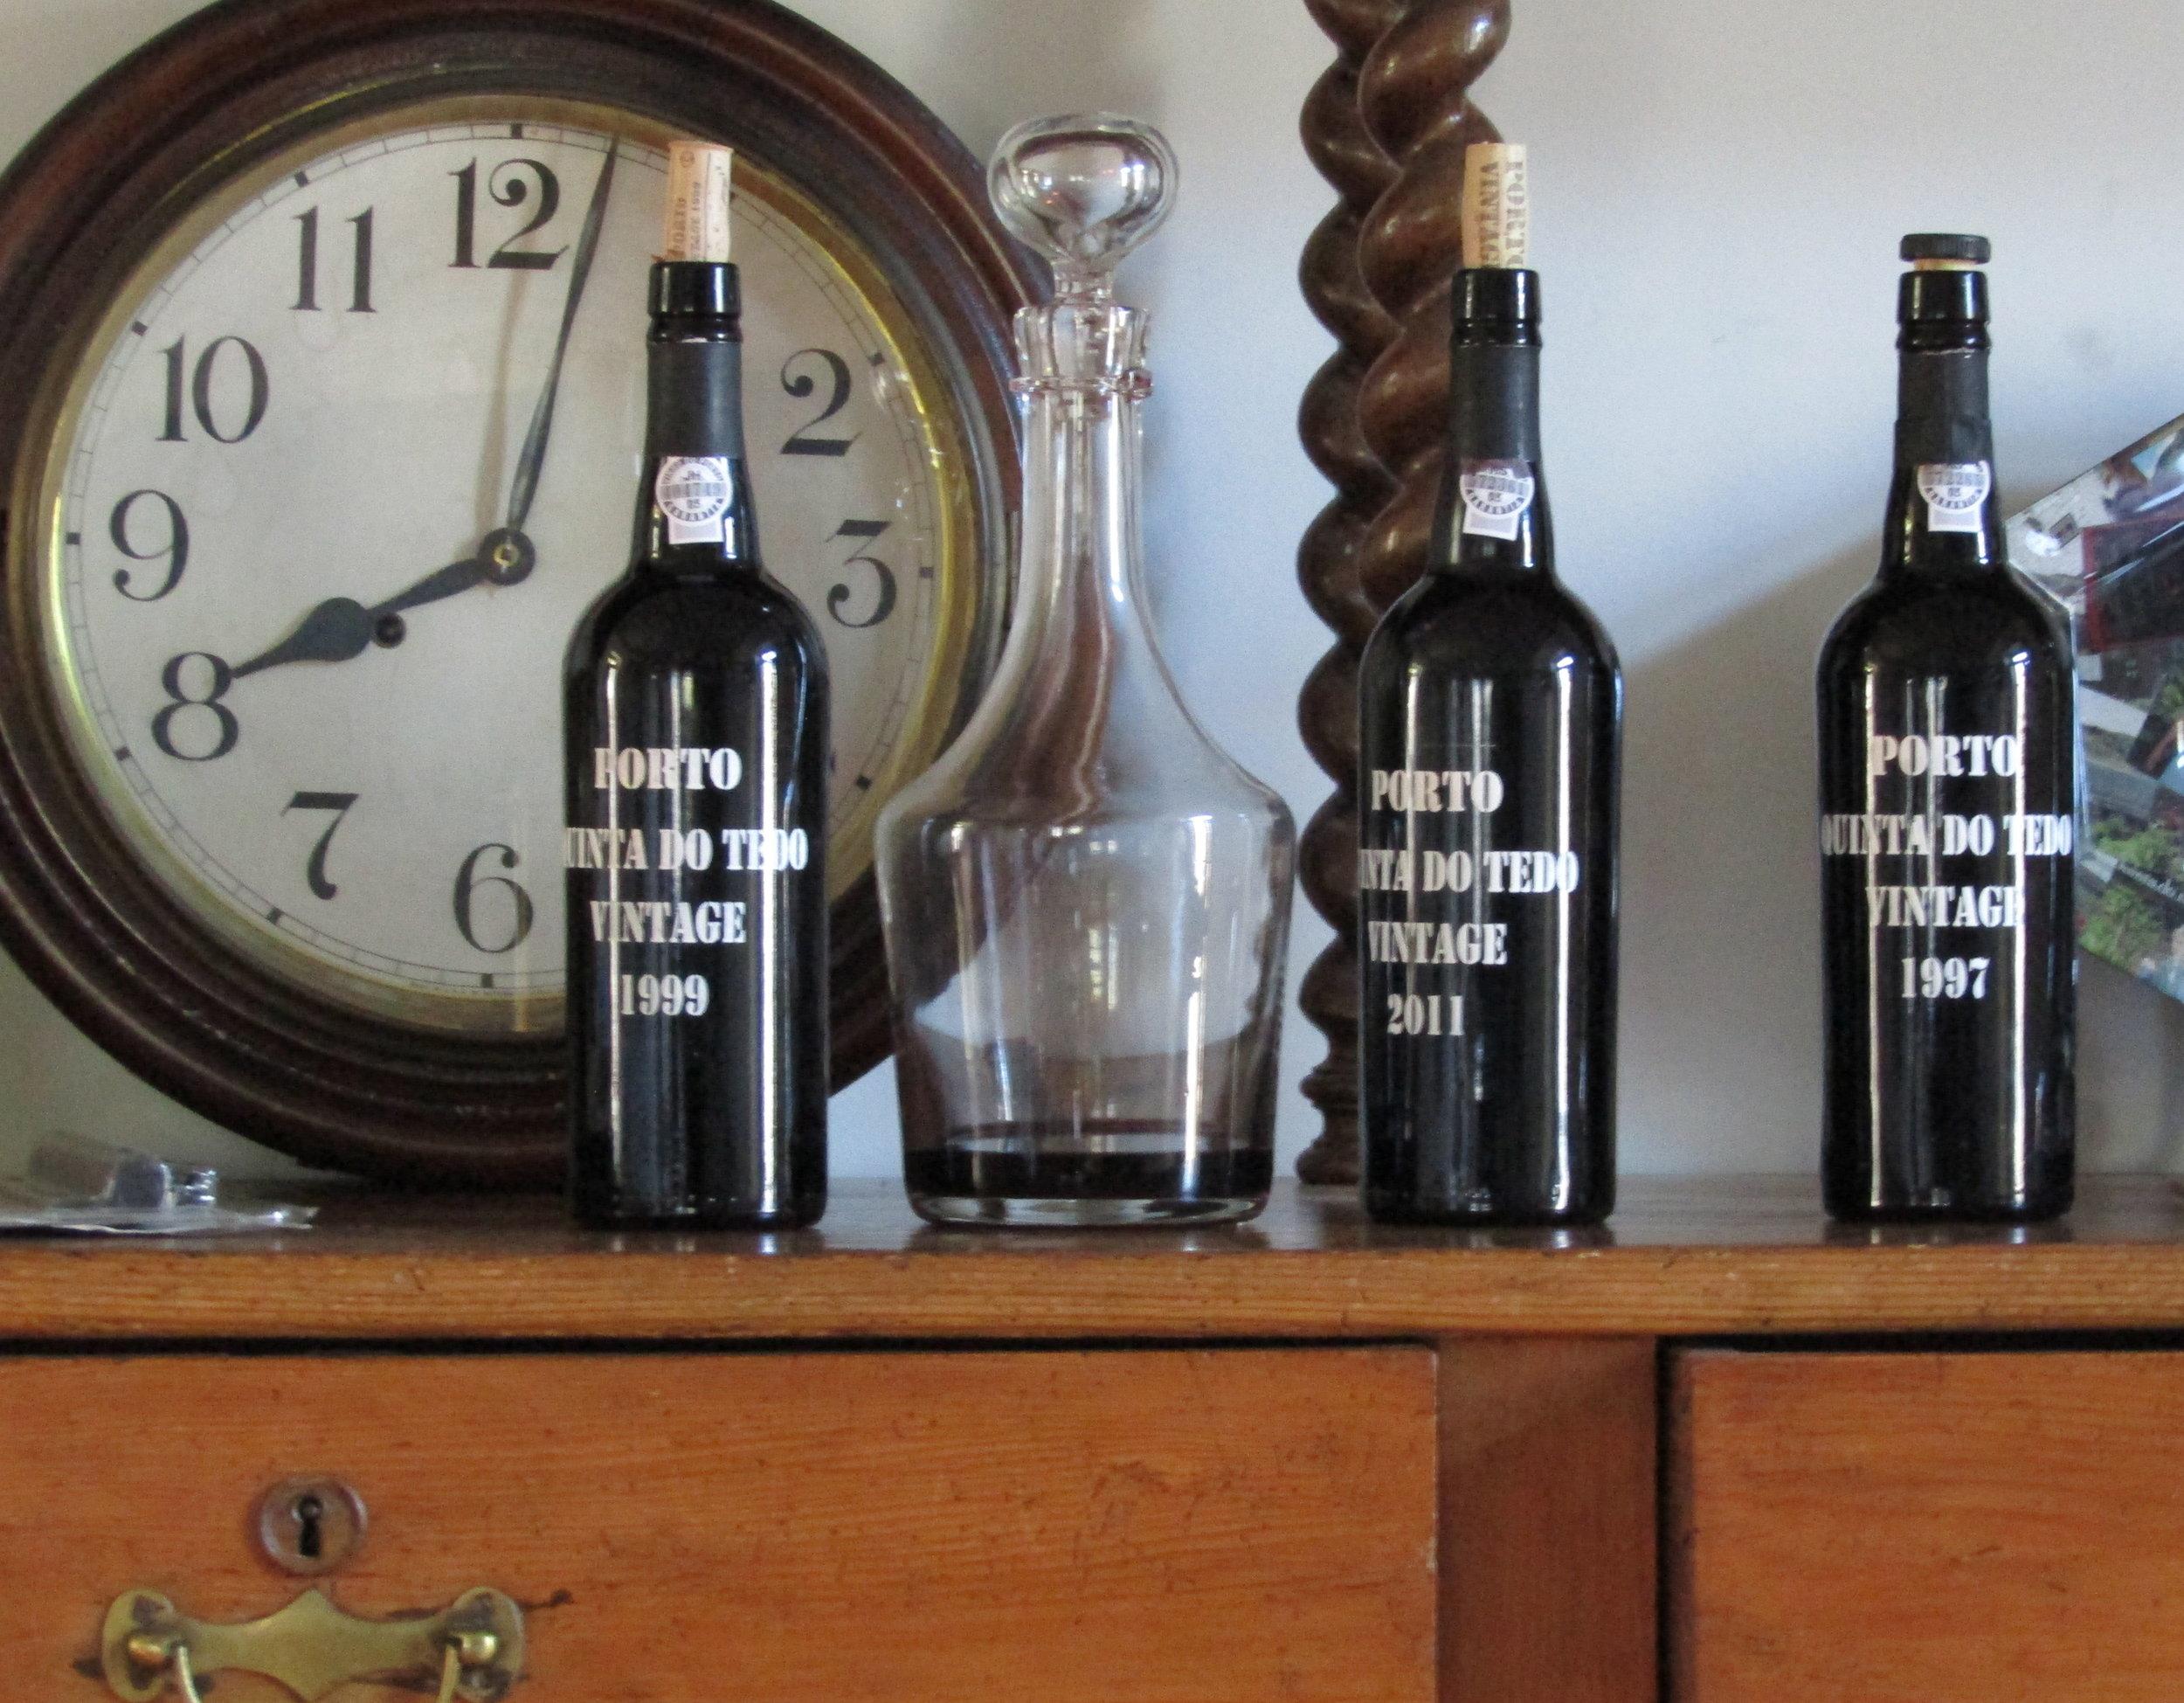 L'heure pour un verre de Porto!